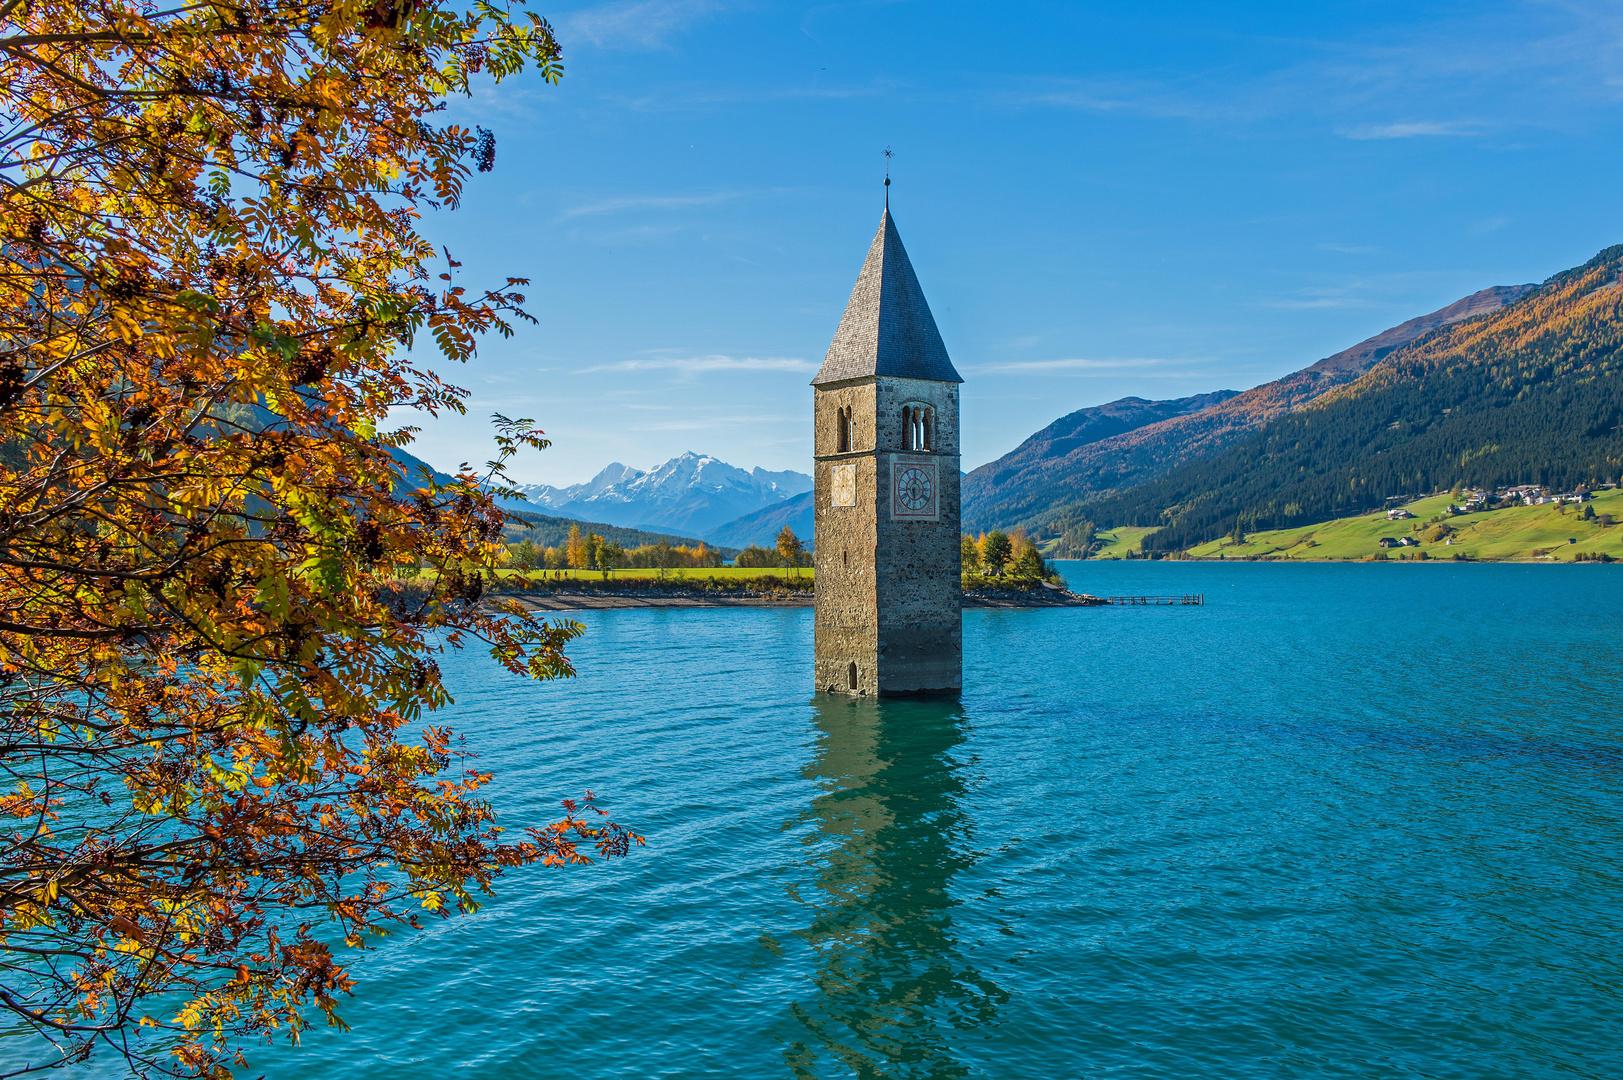 Die versunkene Kirche von GRAUN - Reschensee - Südtirol